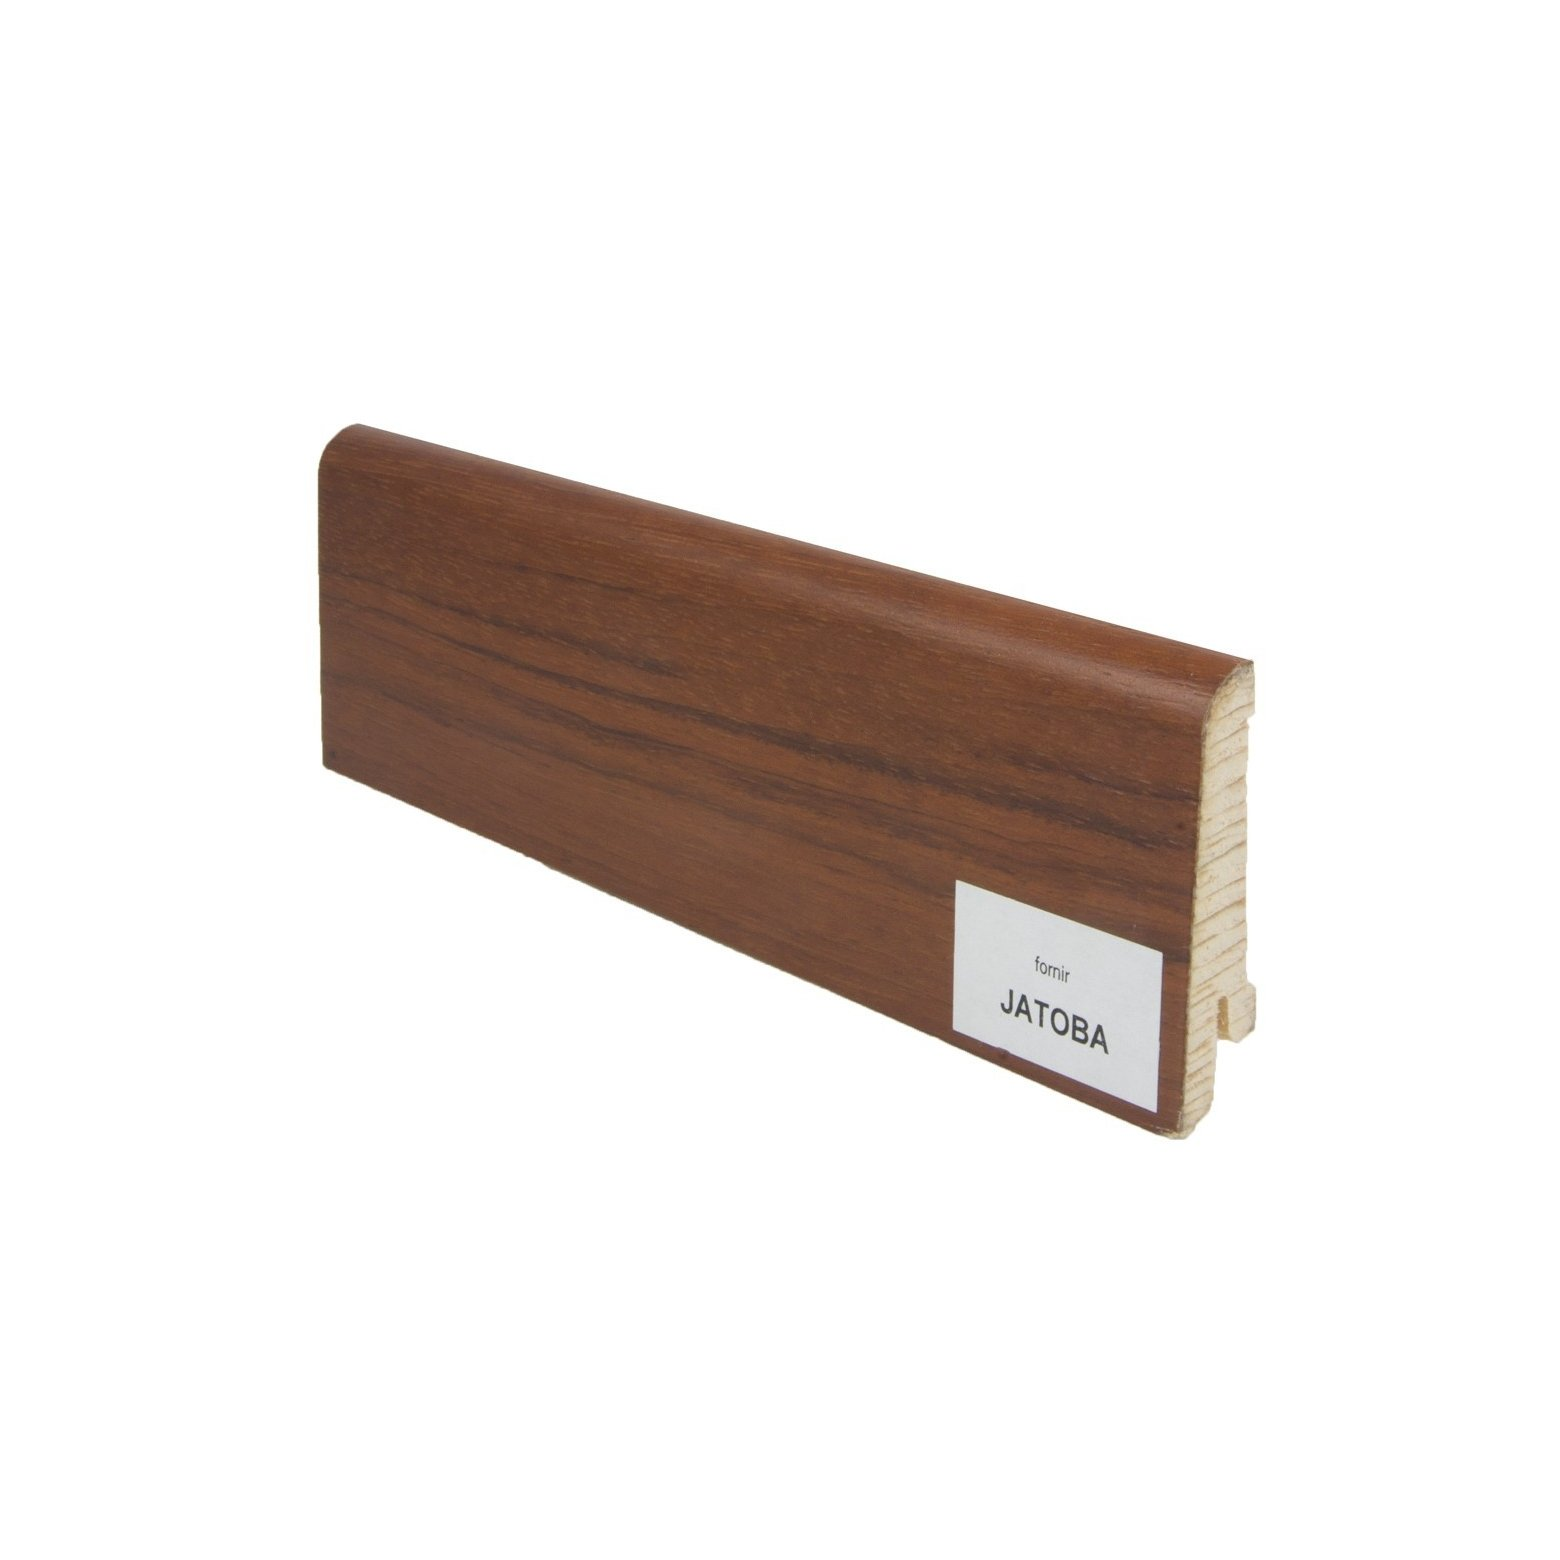 Listwa przypodłogowa drewniana (60/14 mm) JATOBA FORNIR